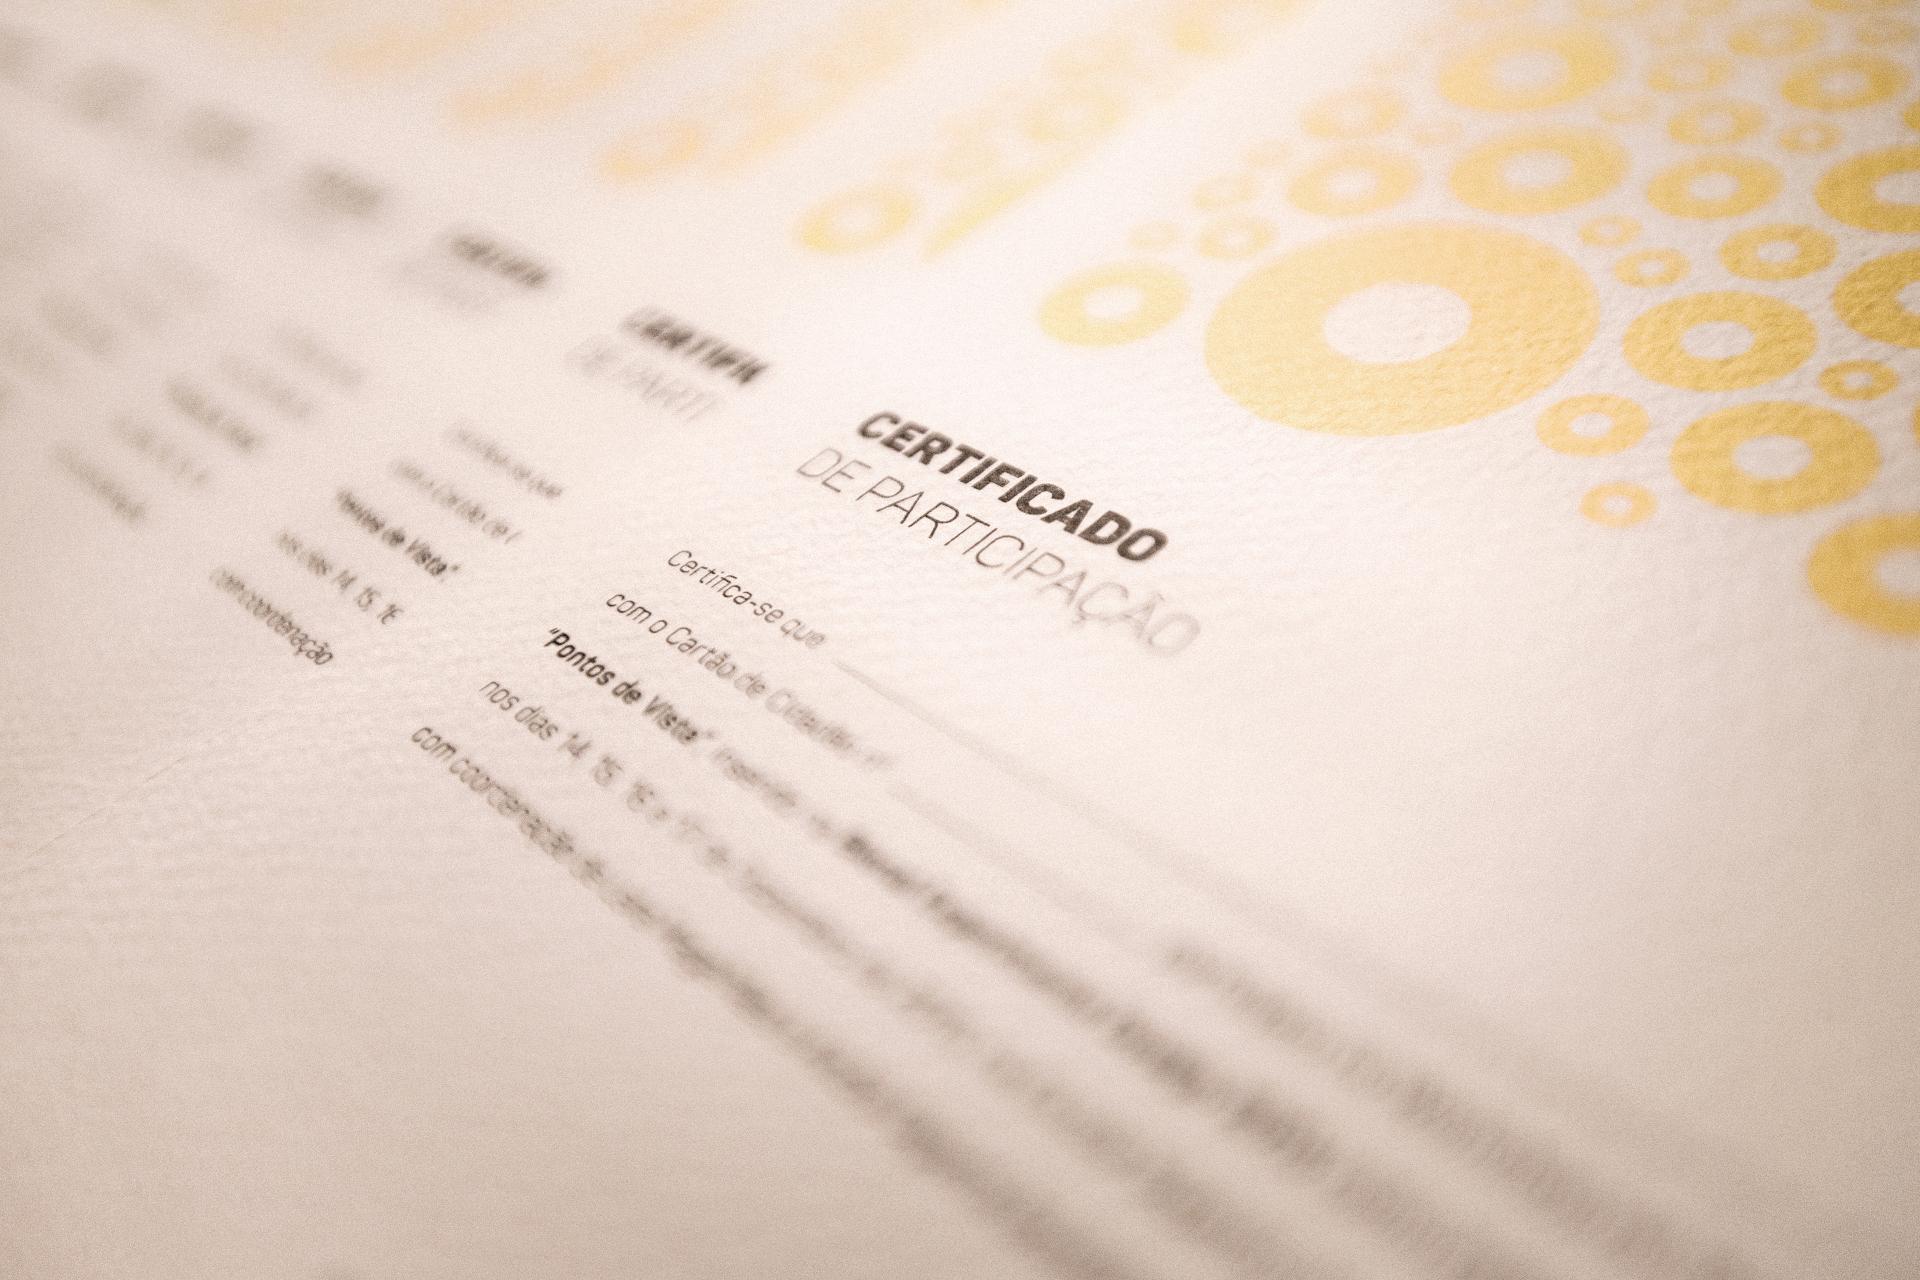 bonjourmolotov certificado workshop pontos de vista EXD15 tangenciais ESAD Matosinhos tipografia anamórfica 02BA N.jpg